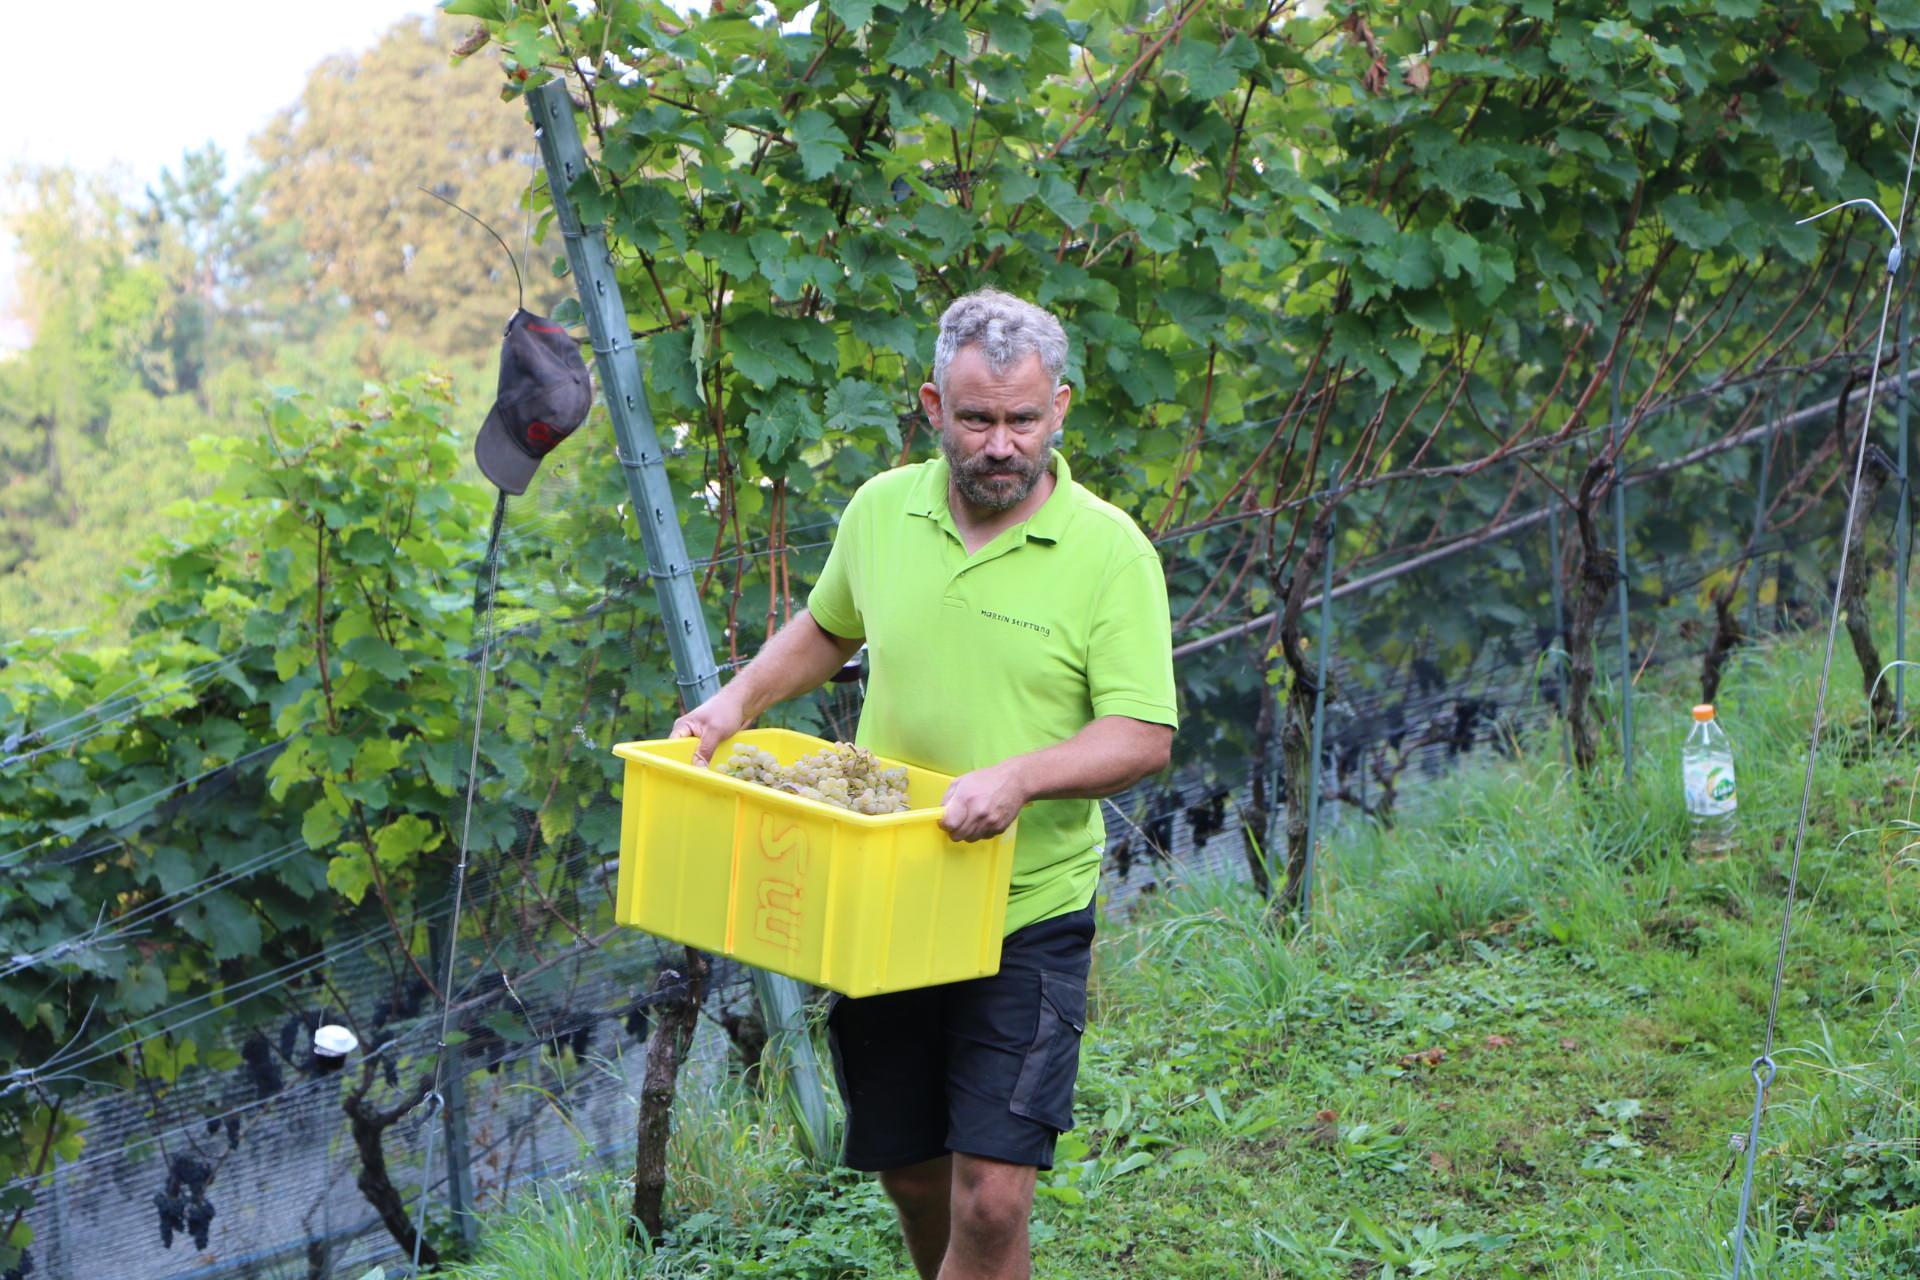 Bei der Wümmet trägt ein Mann im Rebberg eine volle Kiste mit weissen Trauben.